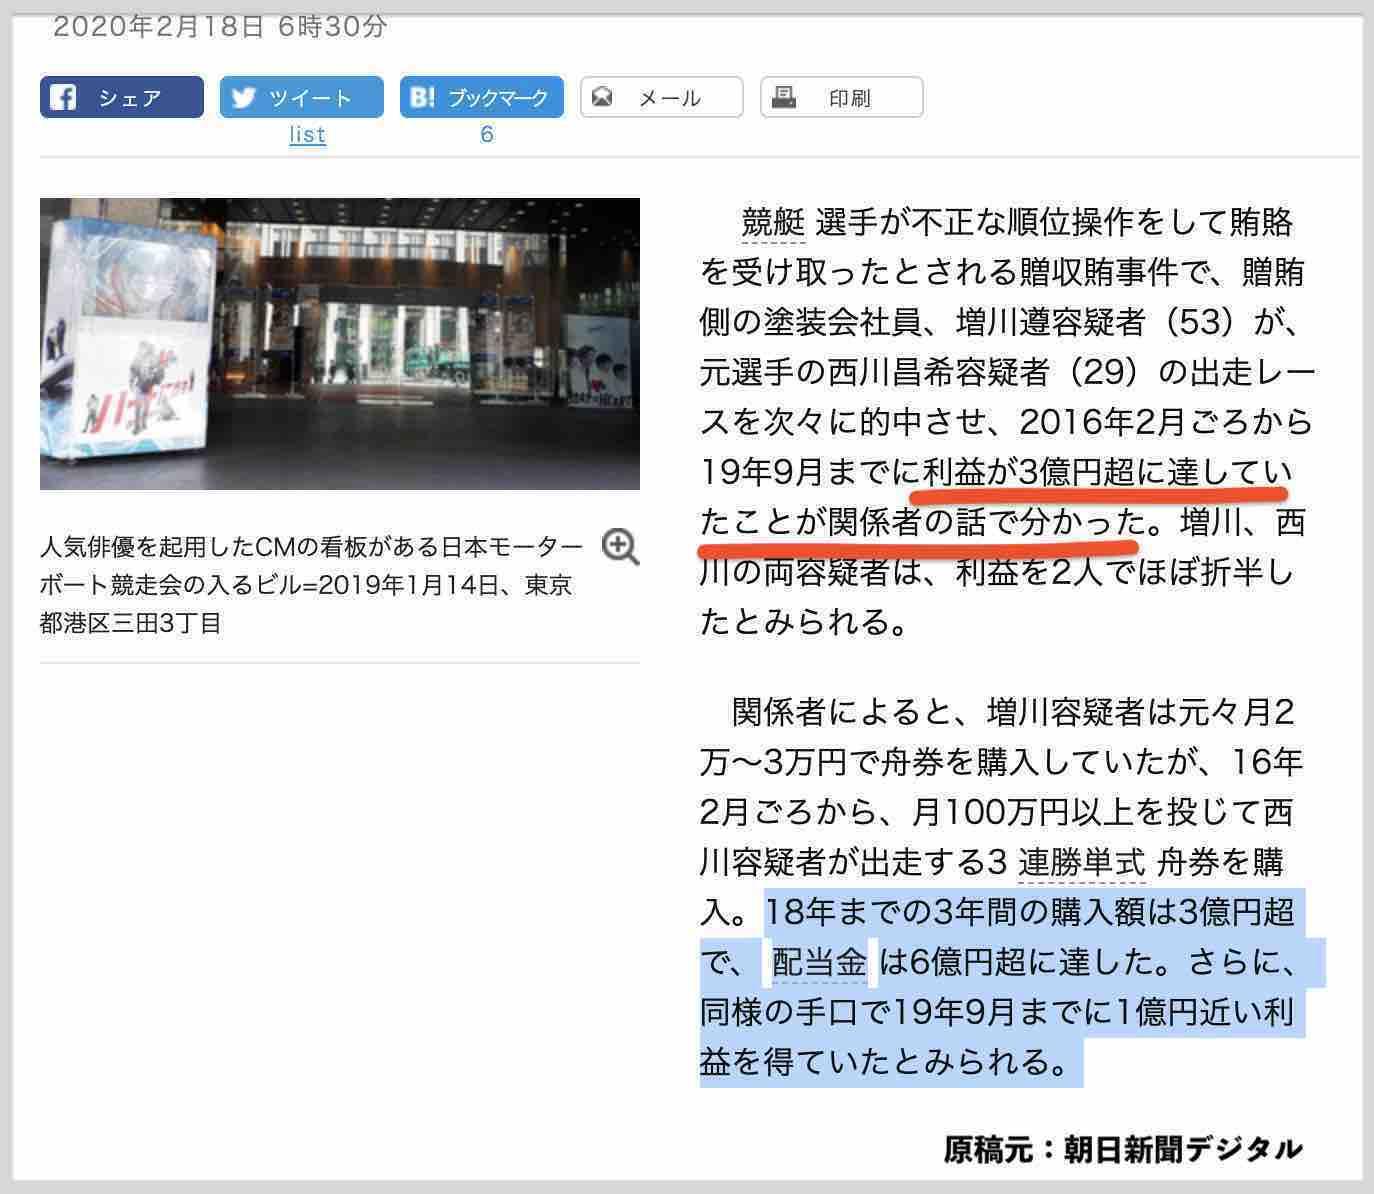 元競艇選手の西川昌希が、競艇八百長で3億円